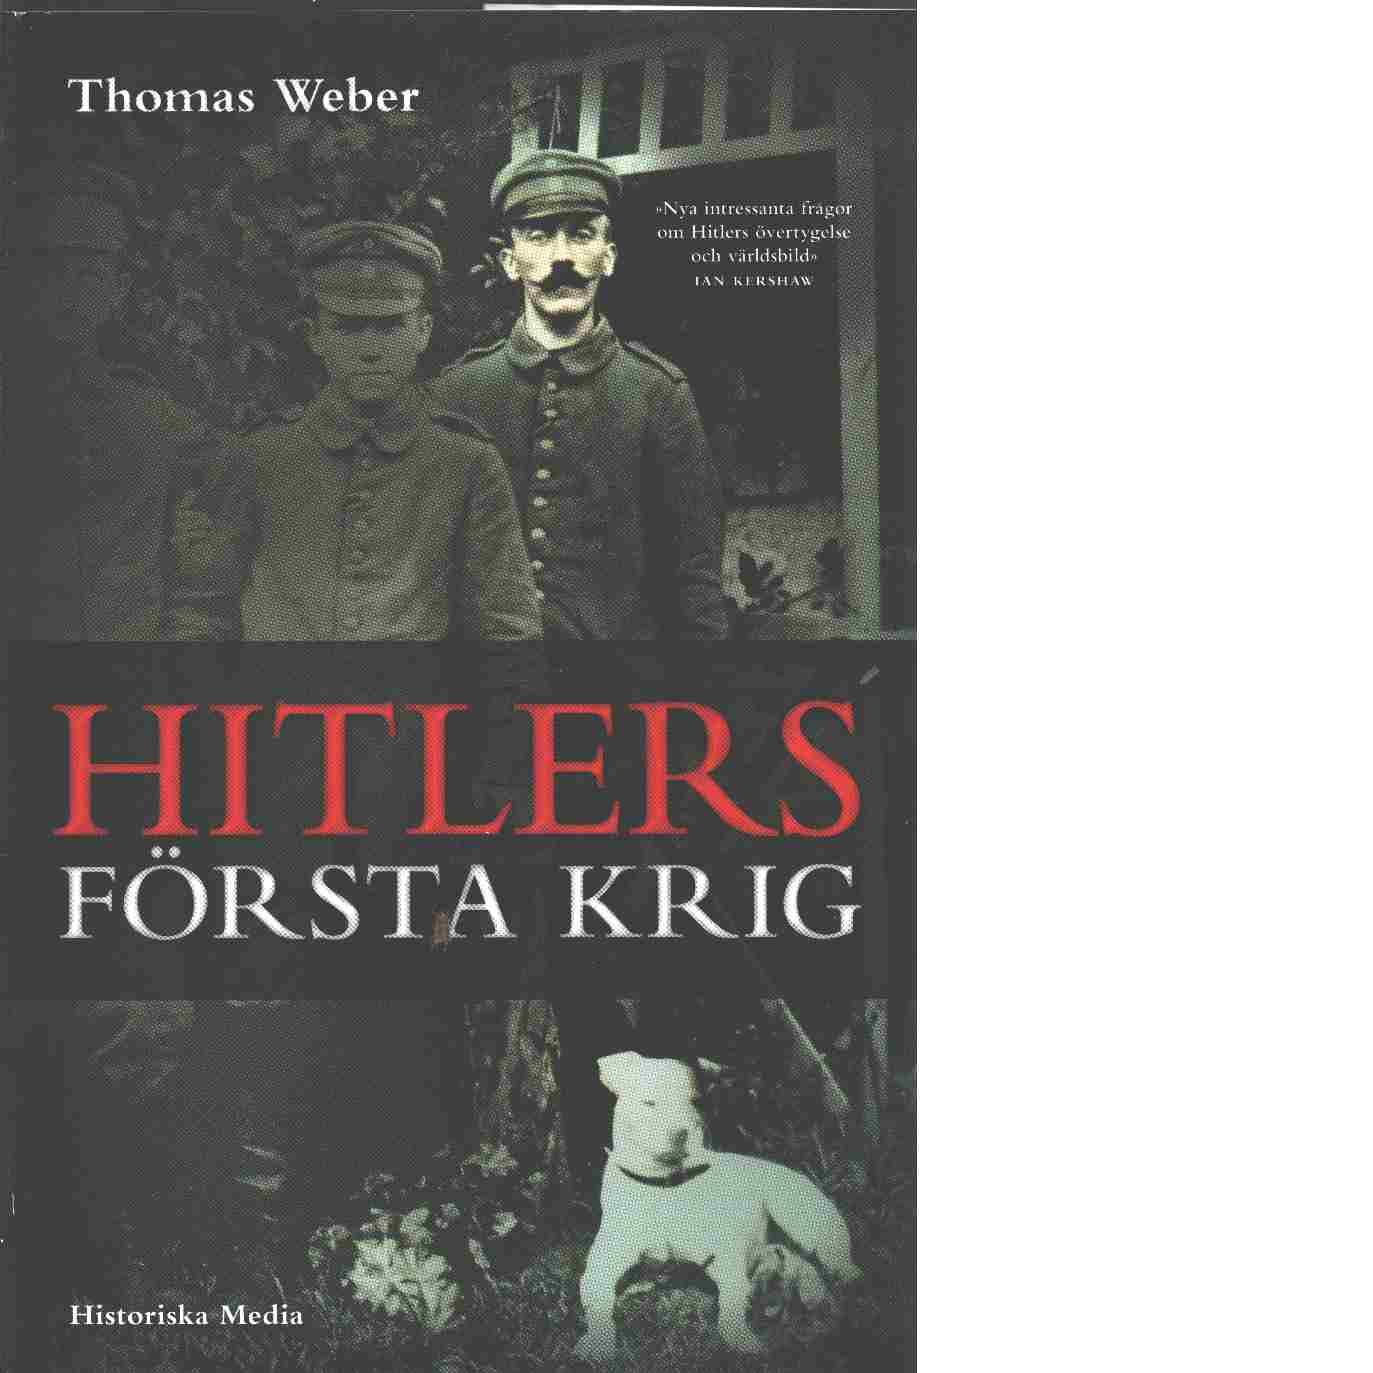 Hitlers första krig : Adolf Hitler, soldaterna vid Regiment List och första världskriget - Weber, Thomas